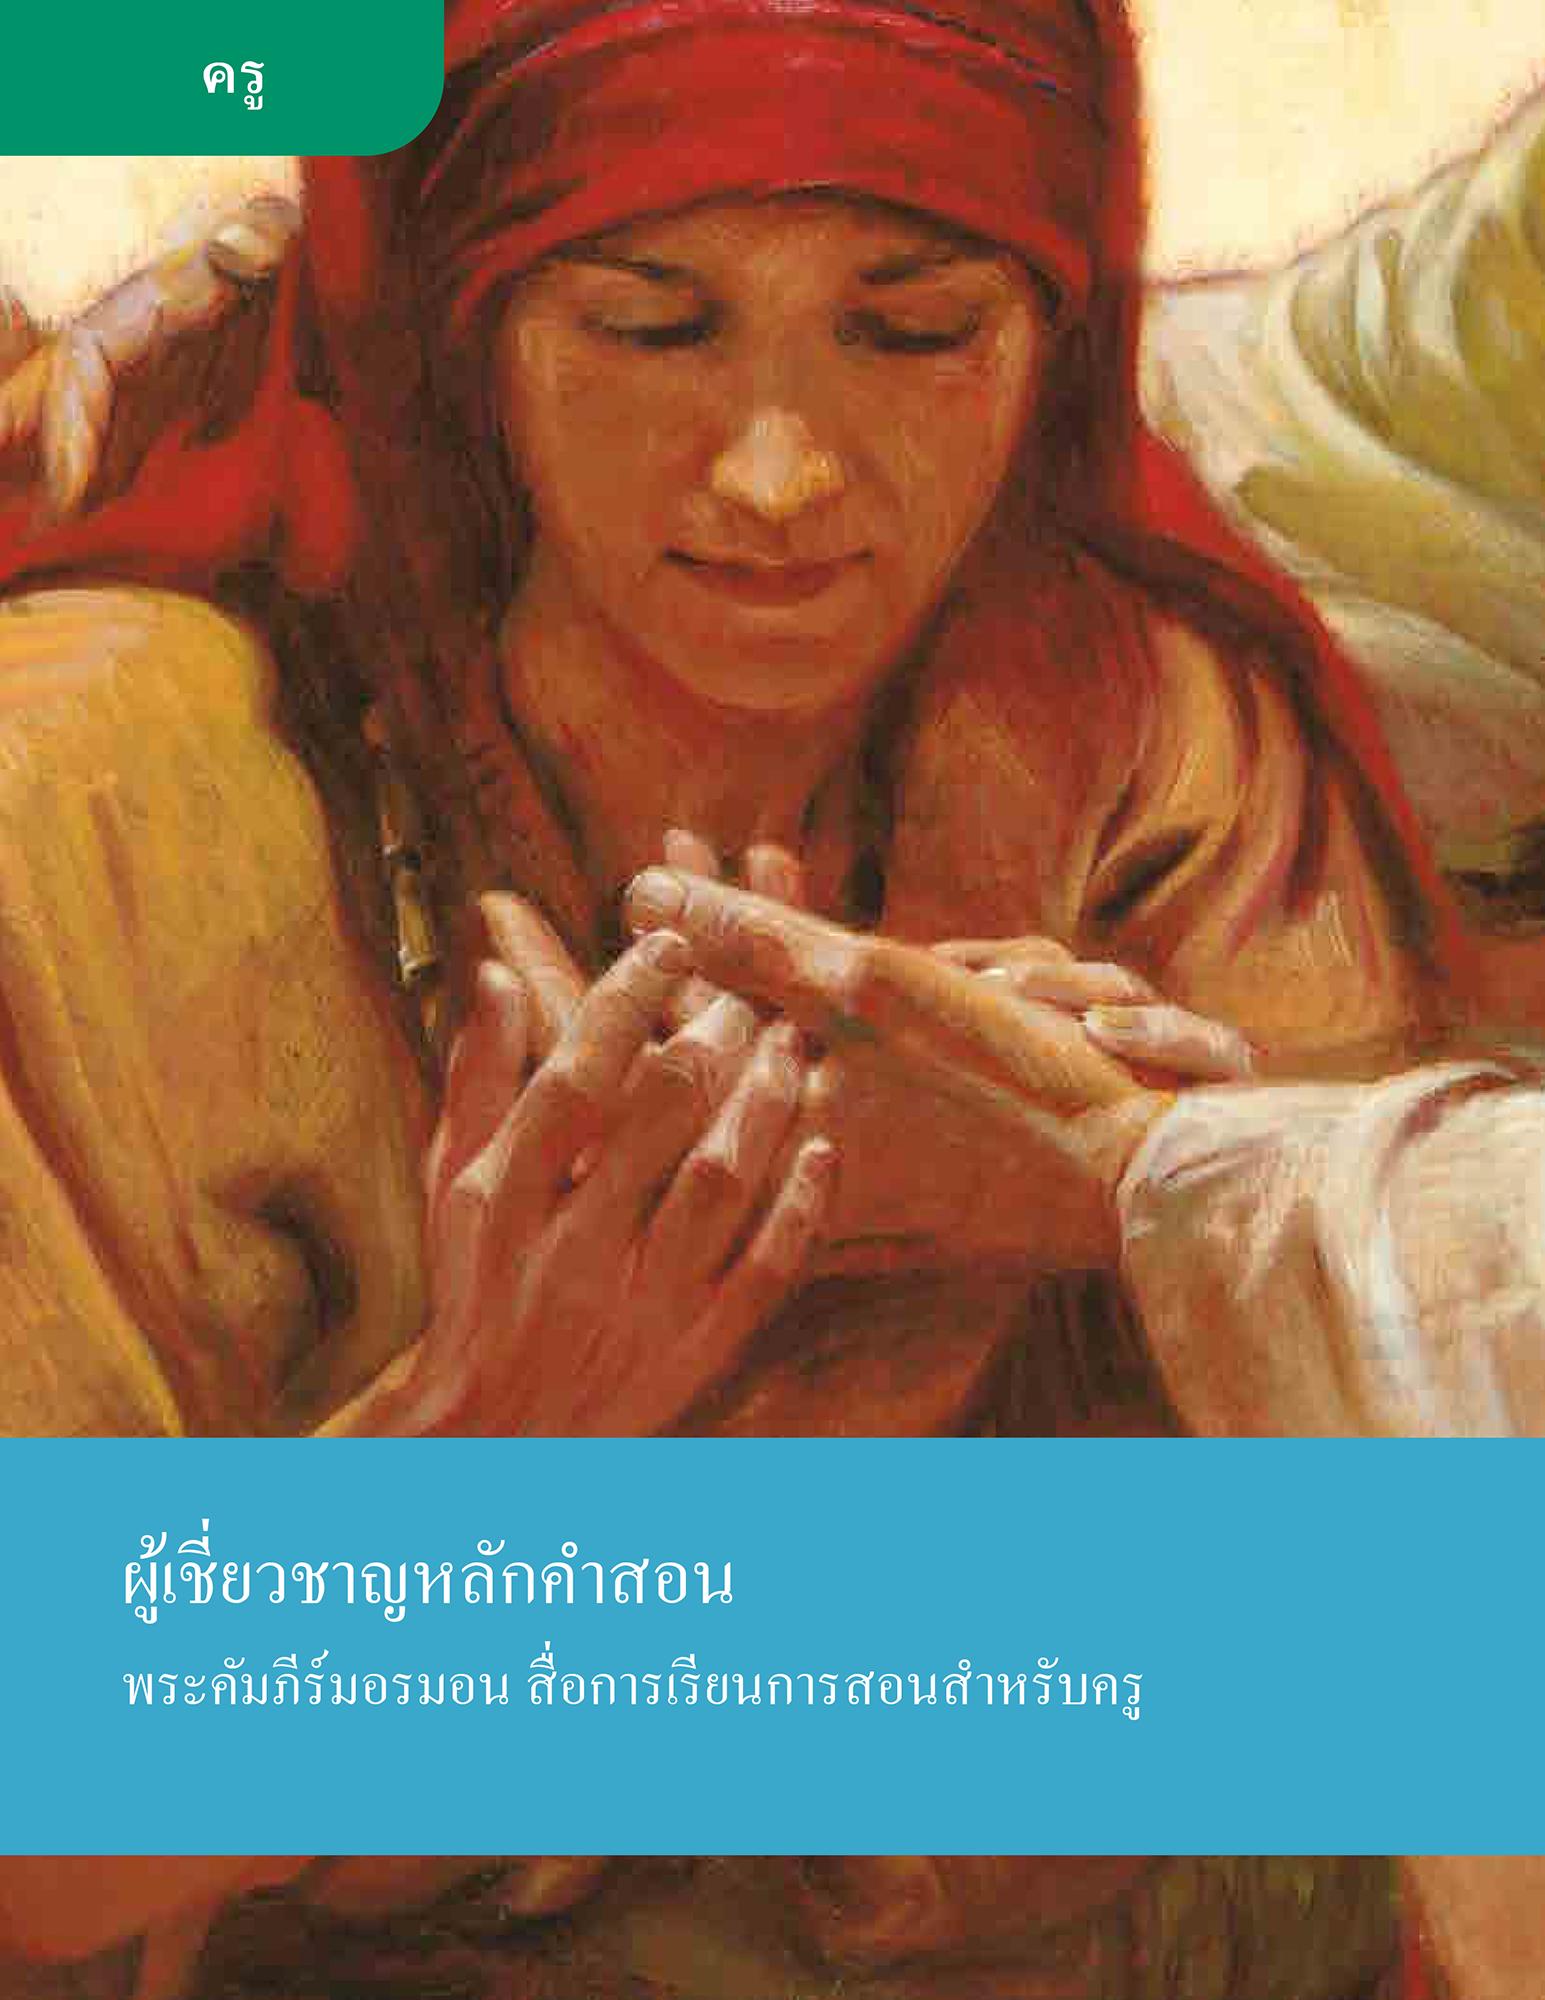 ผู้เชี่ยวชาญหลักคำสอนพระคัมภีร์มอรมอน สื่อการเรียนการสอนสำหรับครู